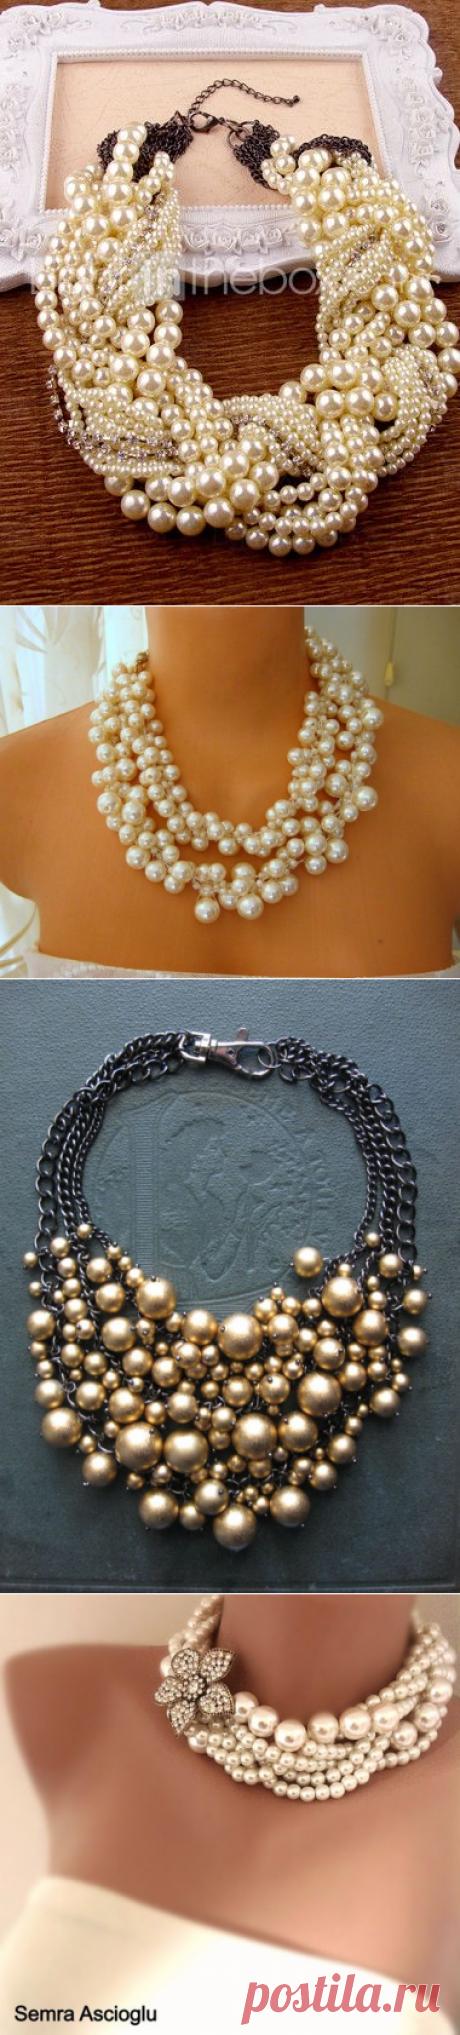 Намисто з перлин( 20 фото-ідей)   Ідеї декору